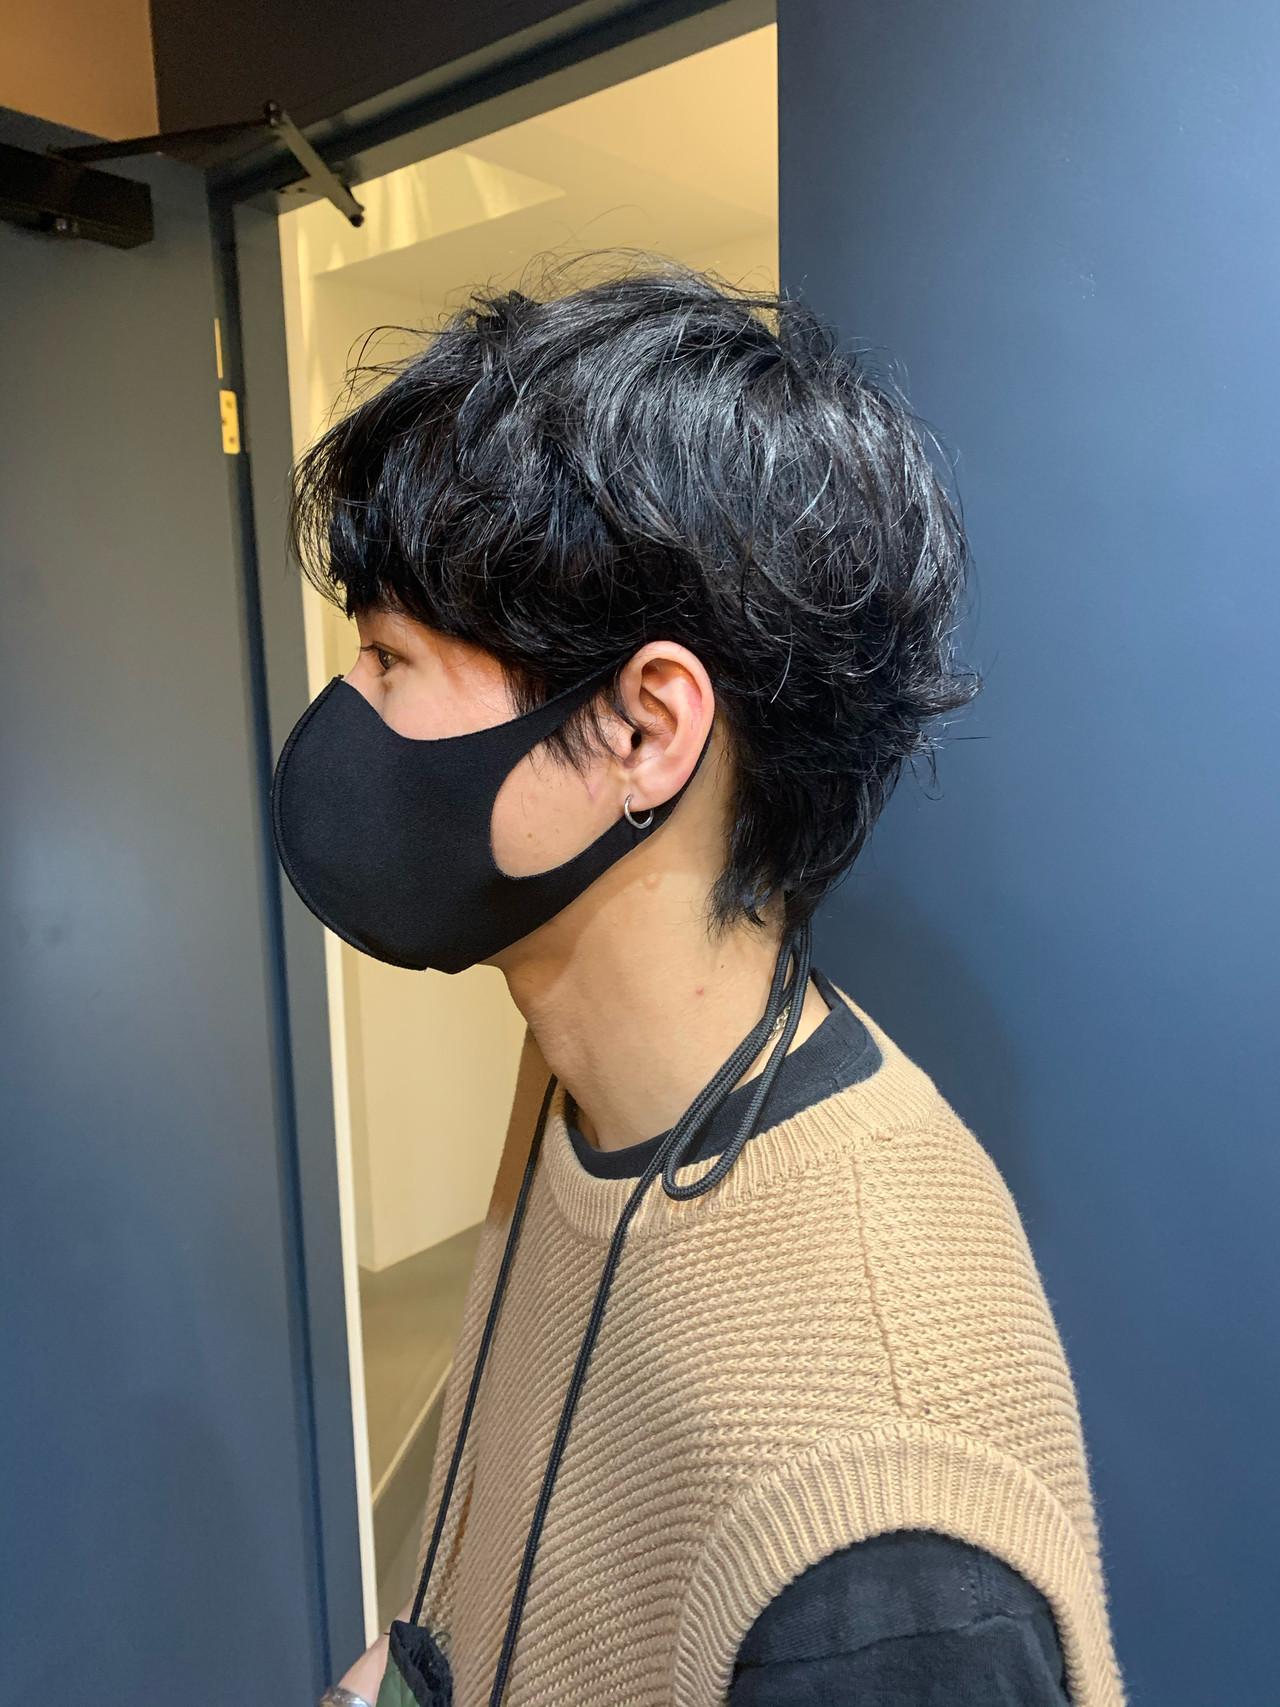 パーマ 銀座美容室 ショート メンズヘア ヘアスタイルや髪型の写真・画像